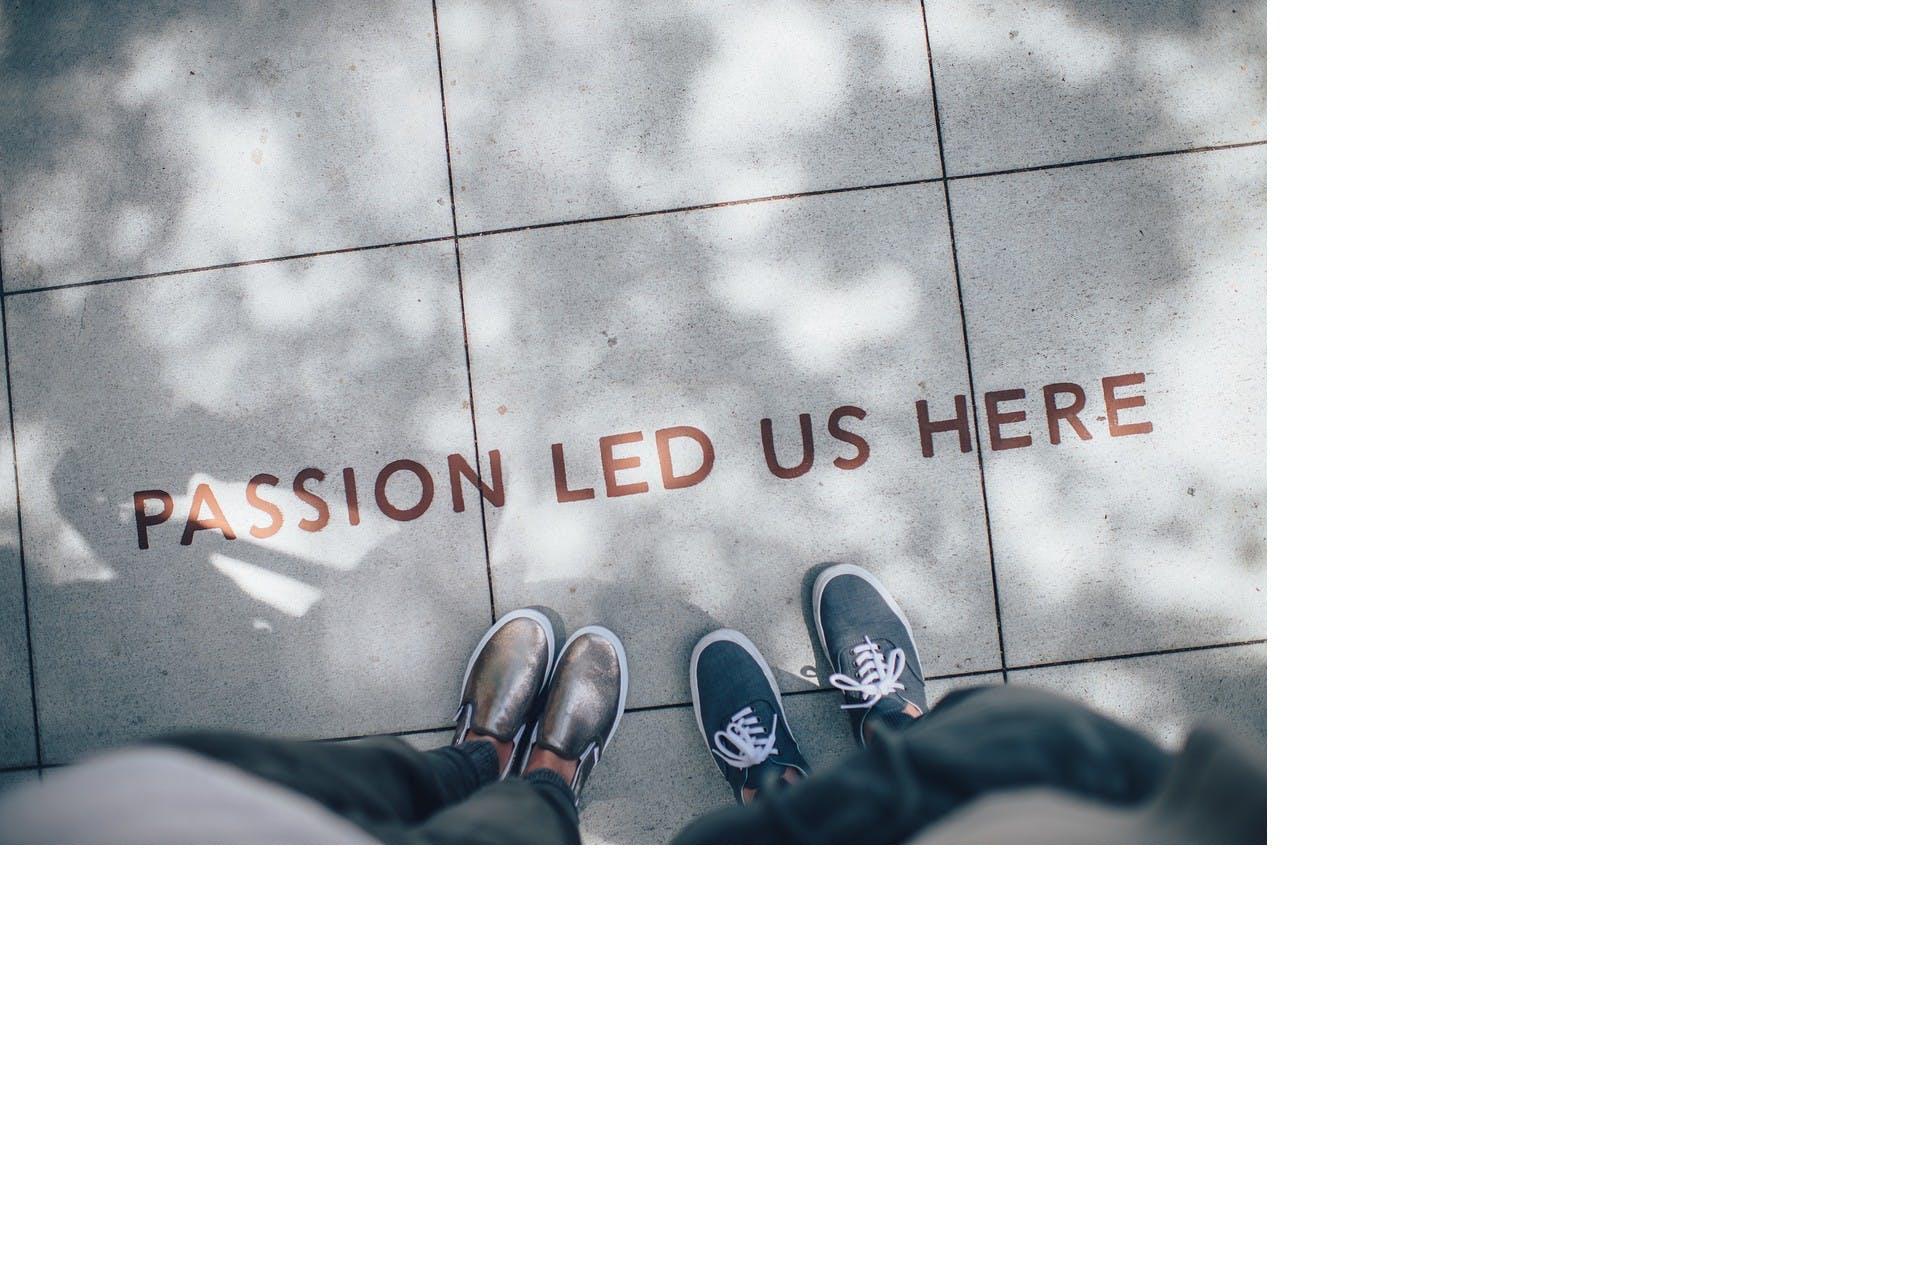 Två personer står på en väg och framför dem står det 'Passion led us here'